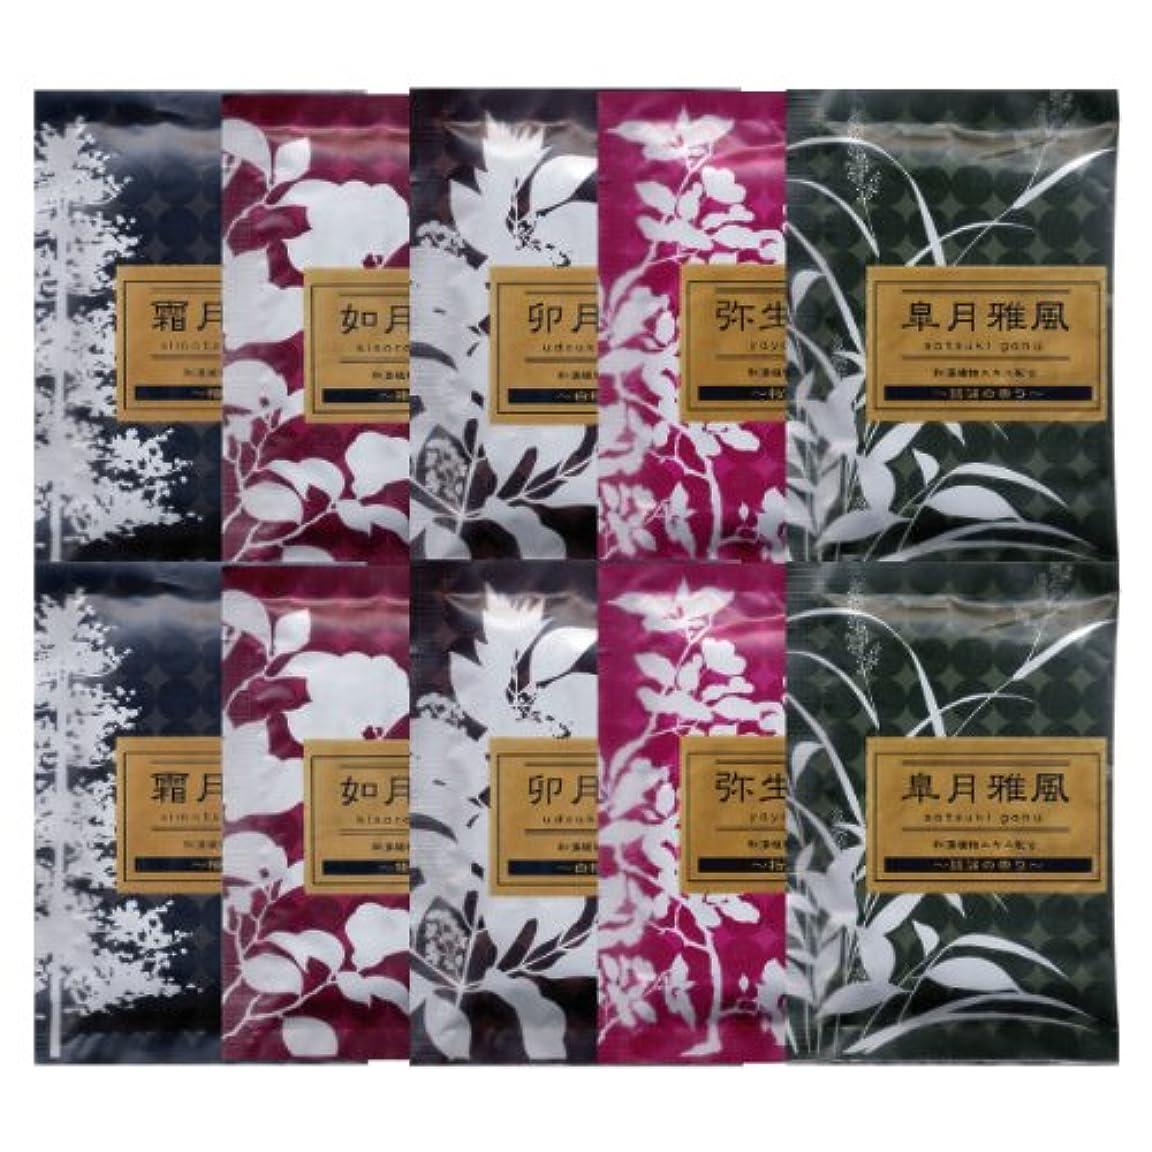 意識的有効なスチュワード薬用入浴剤 綺羅の刻 5種類×2 10包